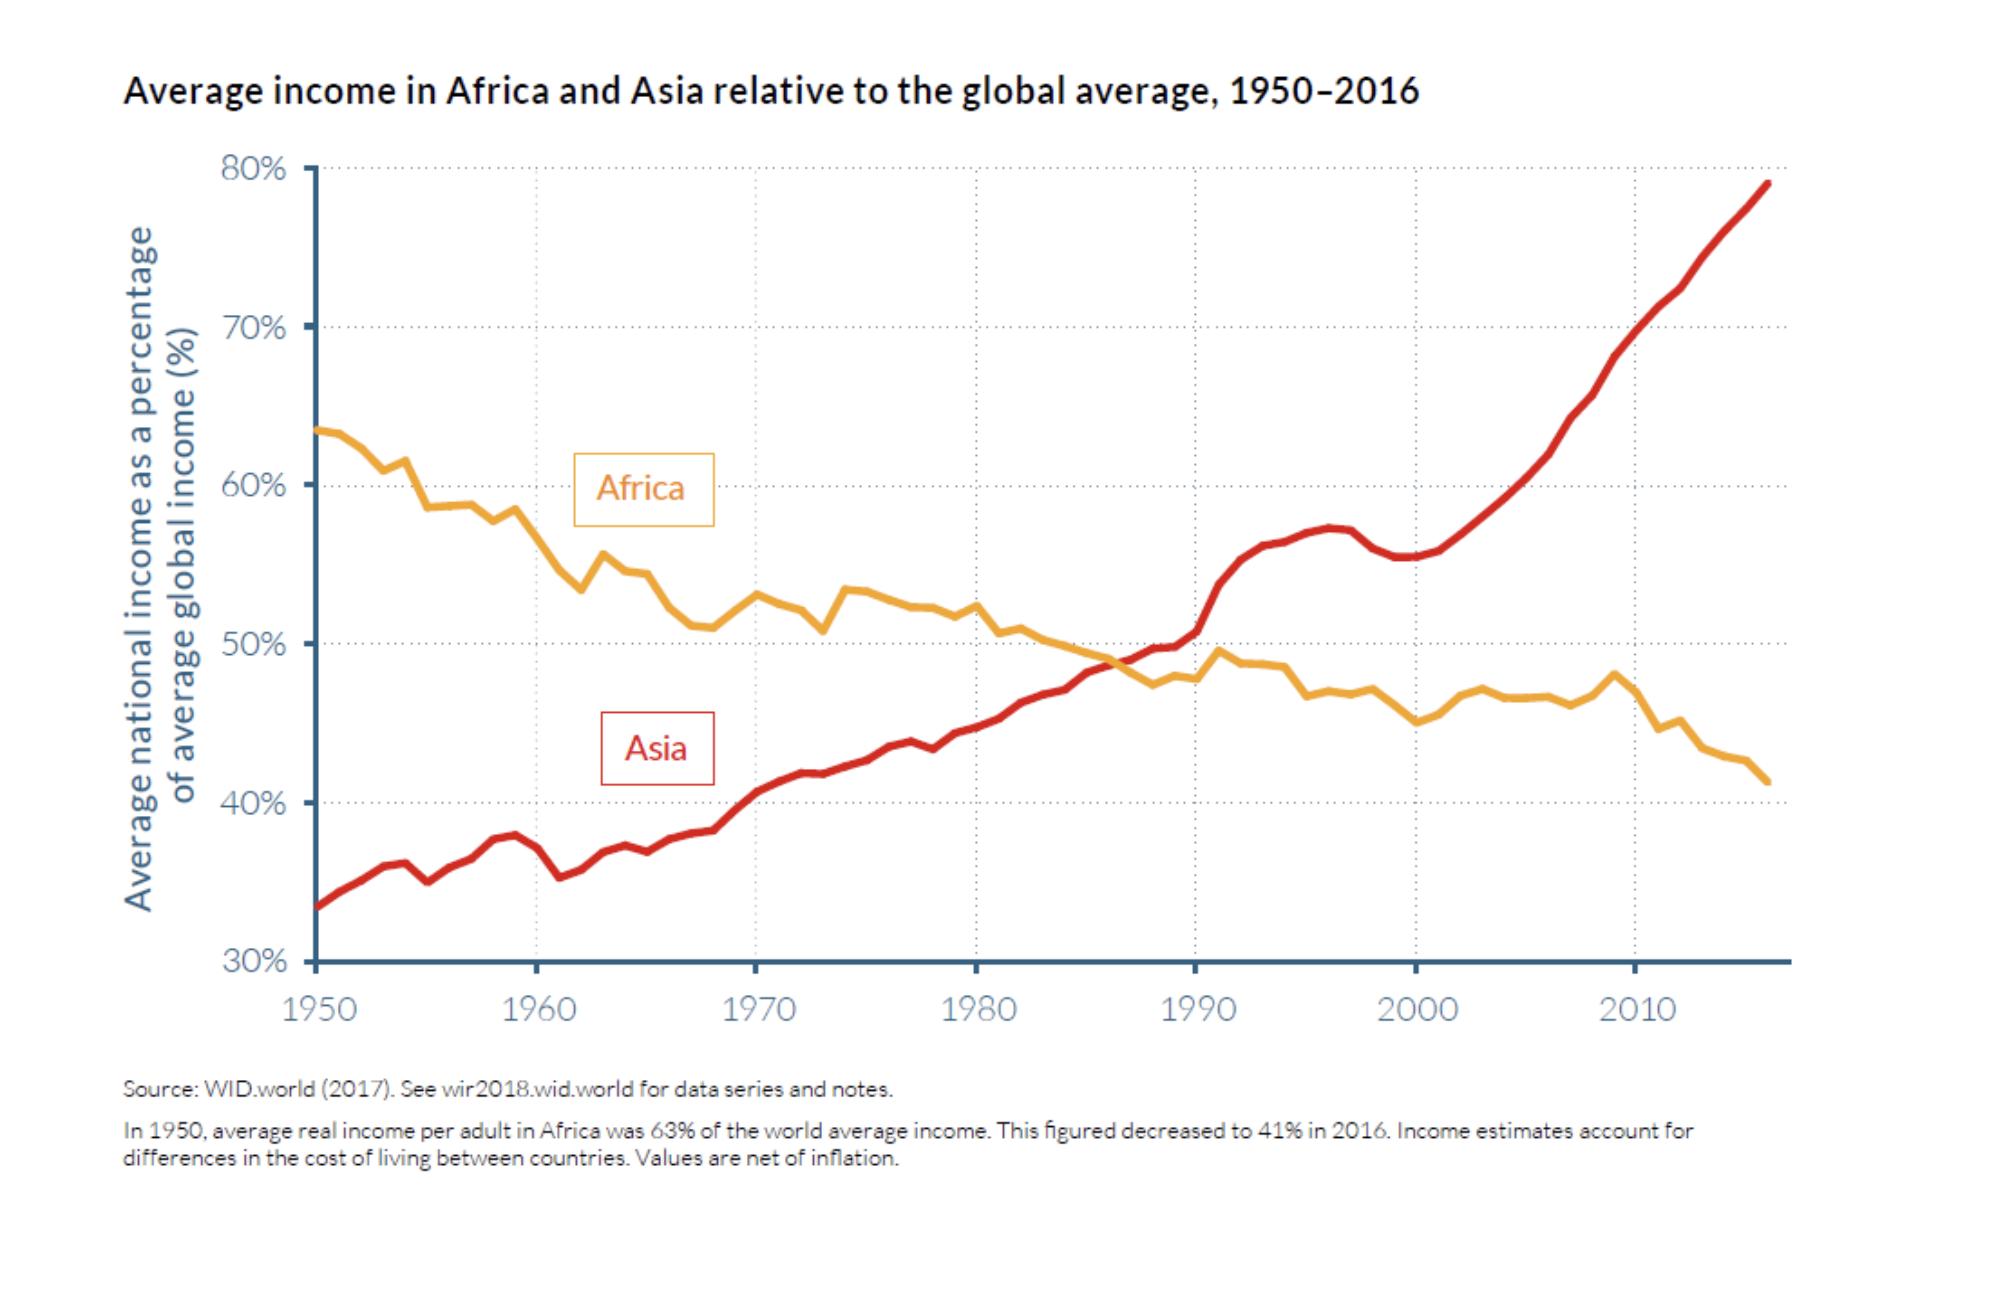 wealth inequality has increased between global regions, too